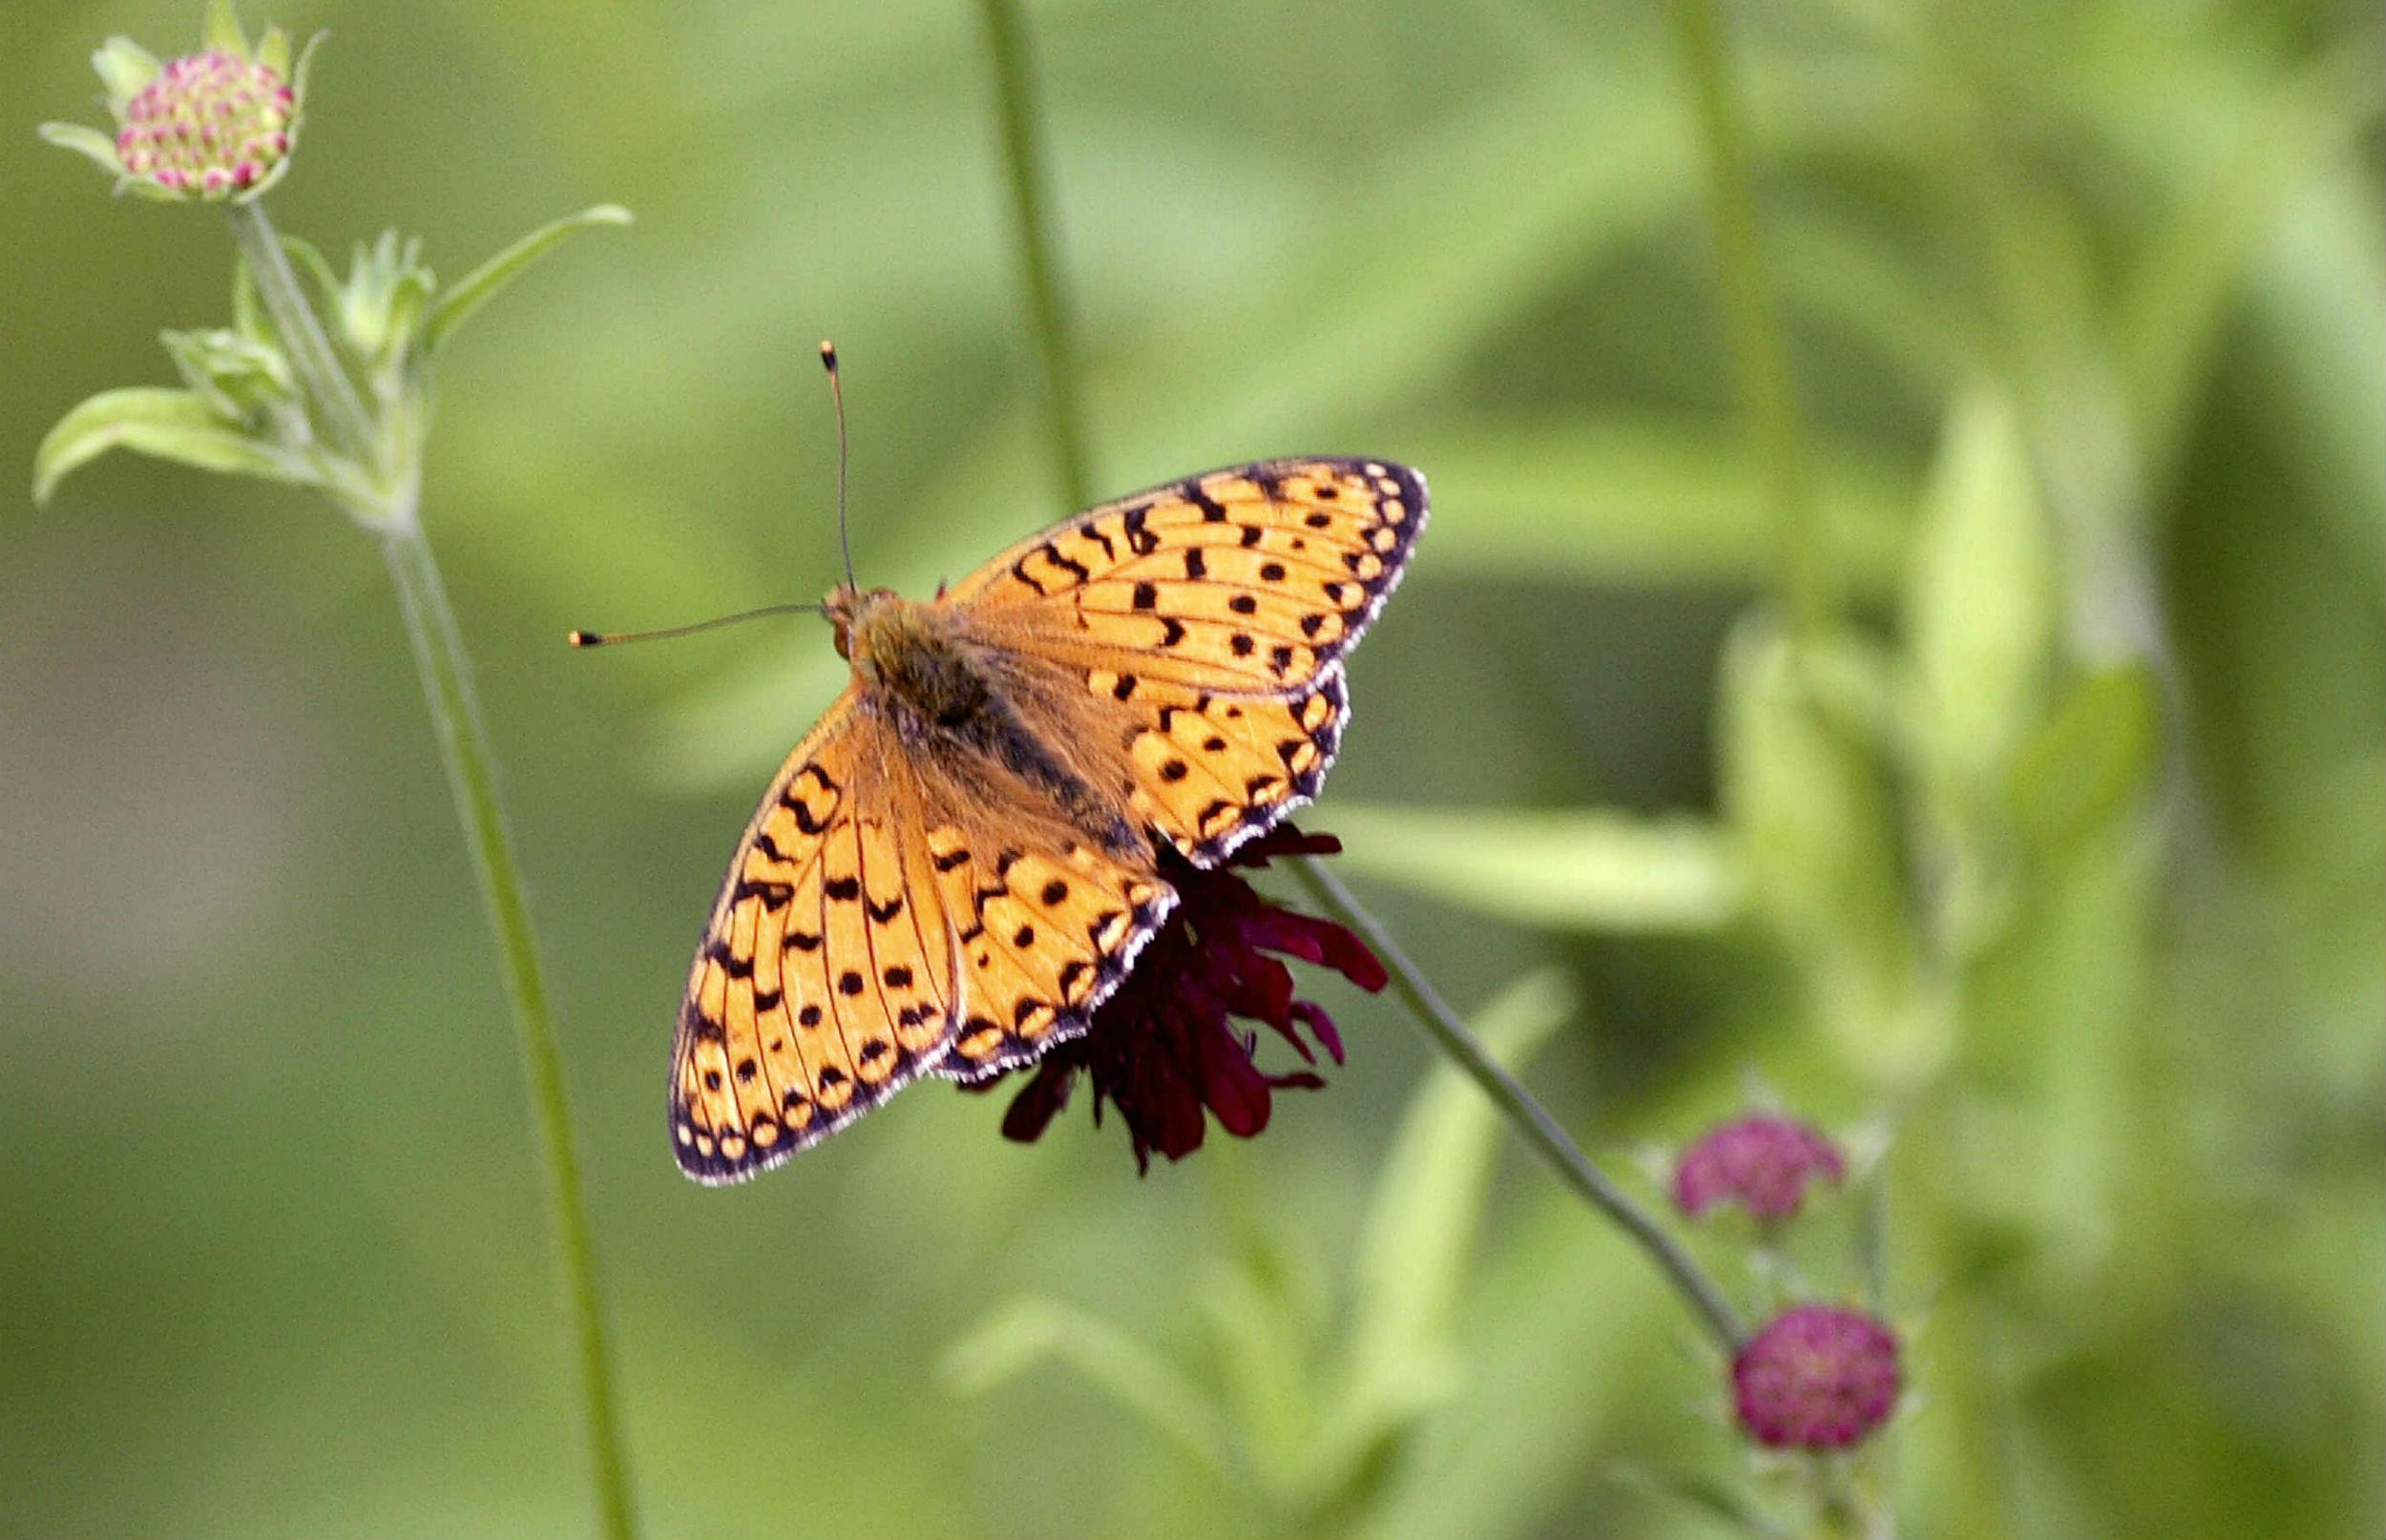 Tusindvis af haveejere kommer sommerfuglene til undsætning